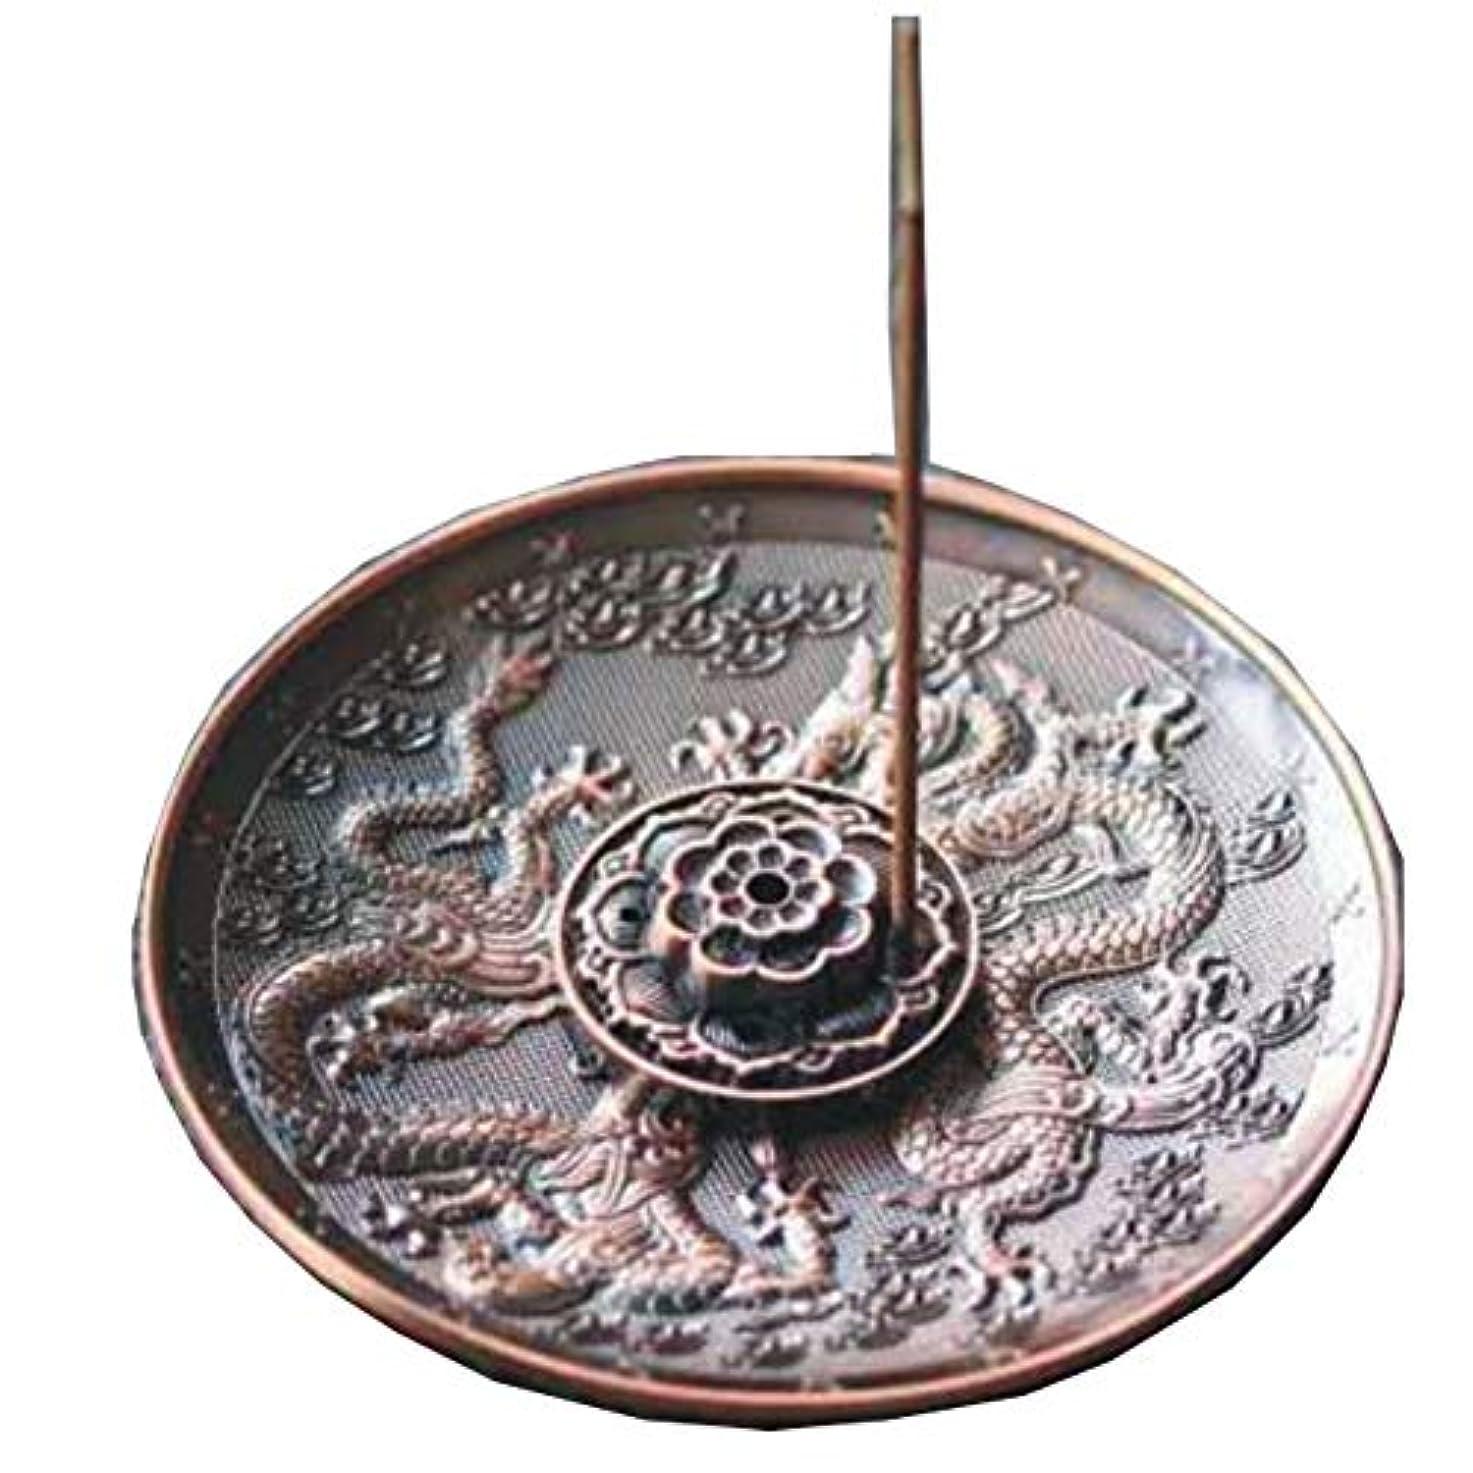 作物明るいラグ[RADISSY] お香立て 香炉 香皿 スティック 円錐 タイプ お香 スタンド 龍のデザイン (赤胴色9穴)